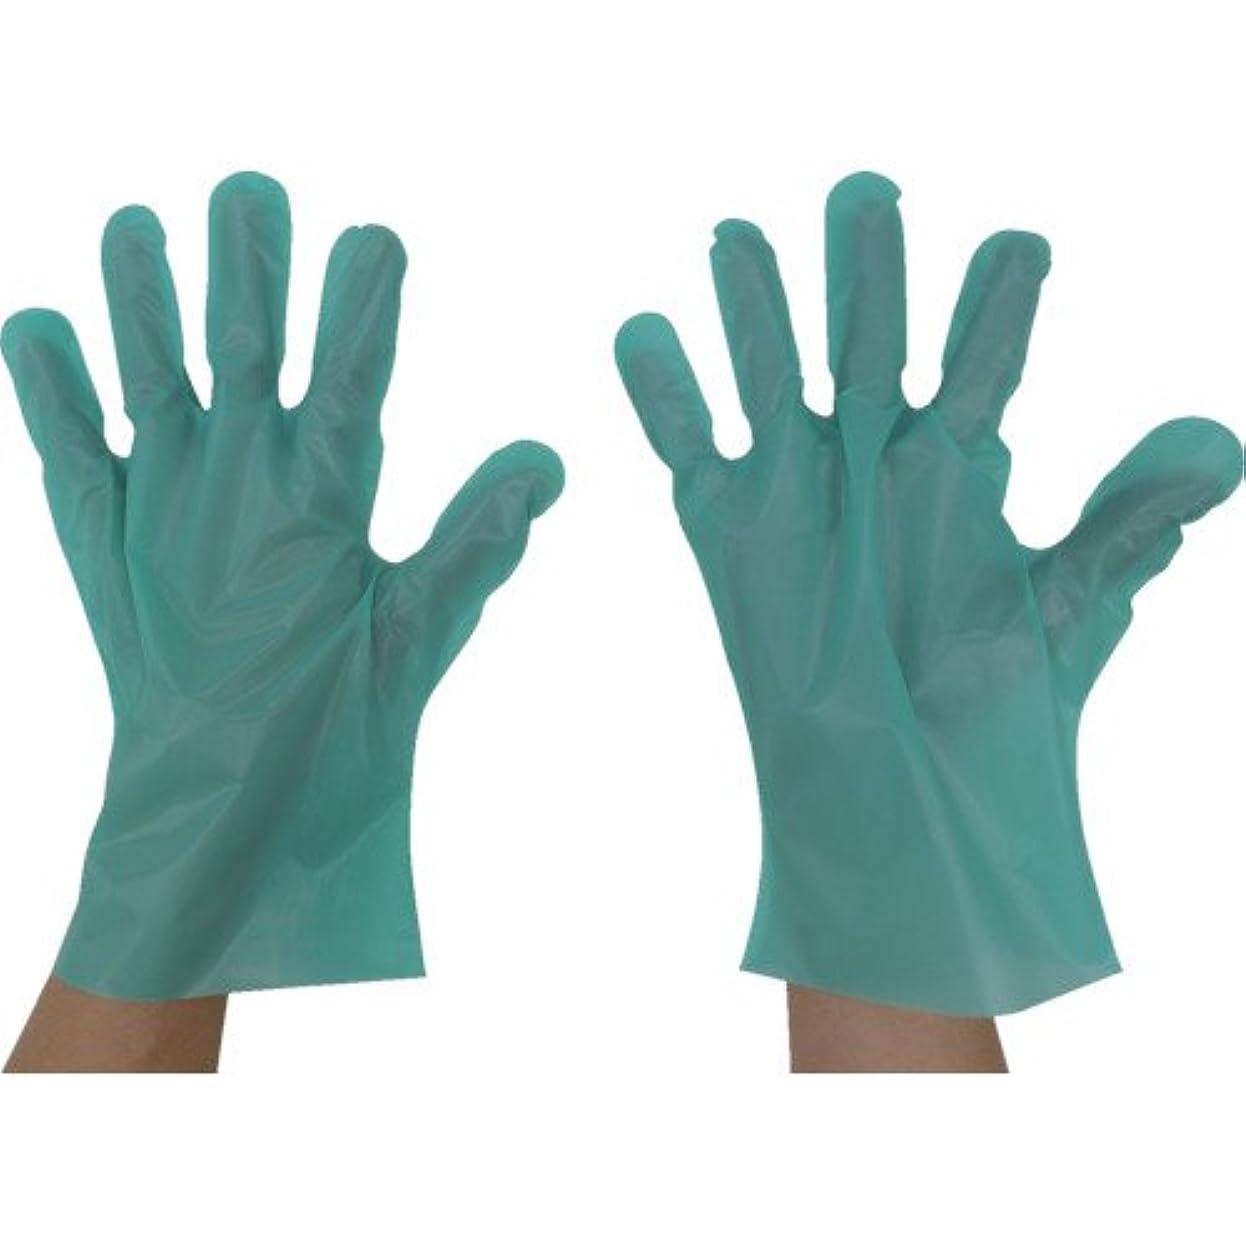 東京パック エンボス手袋五本絞りエコノミー化粧箱S グリーン(入数:200枚) GEK-S